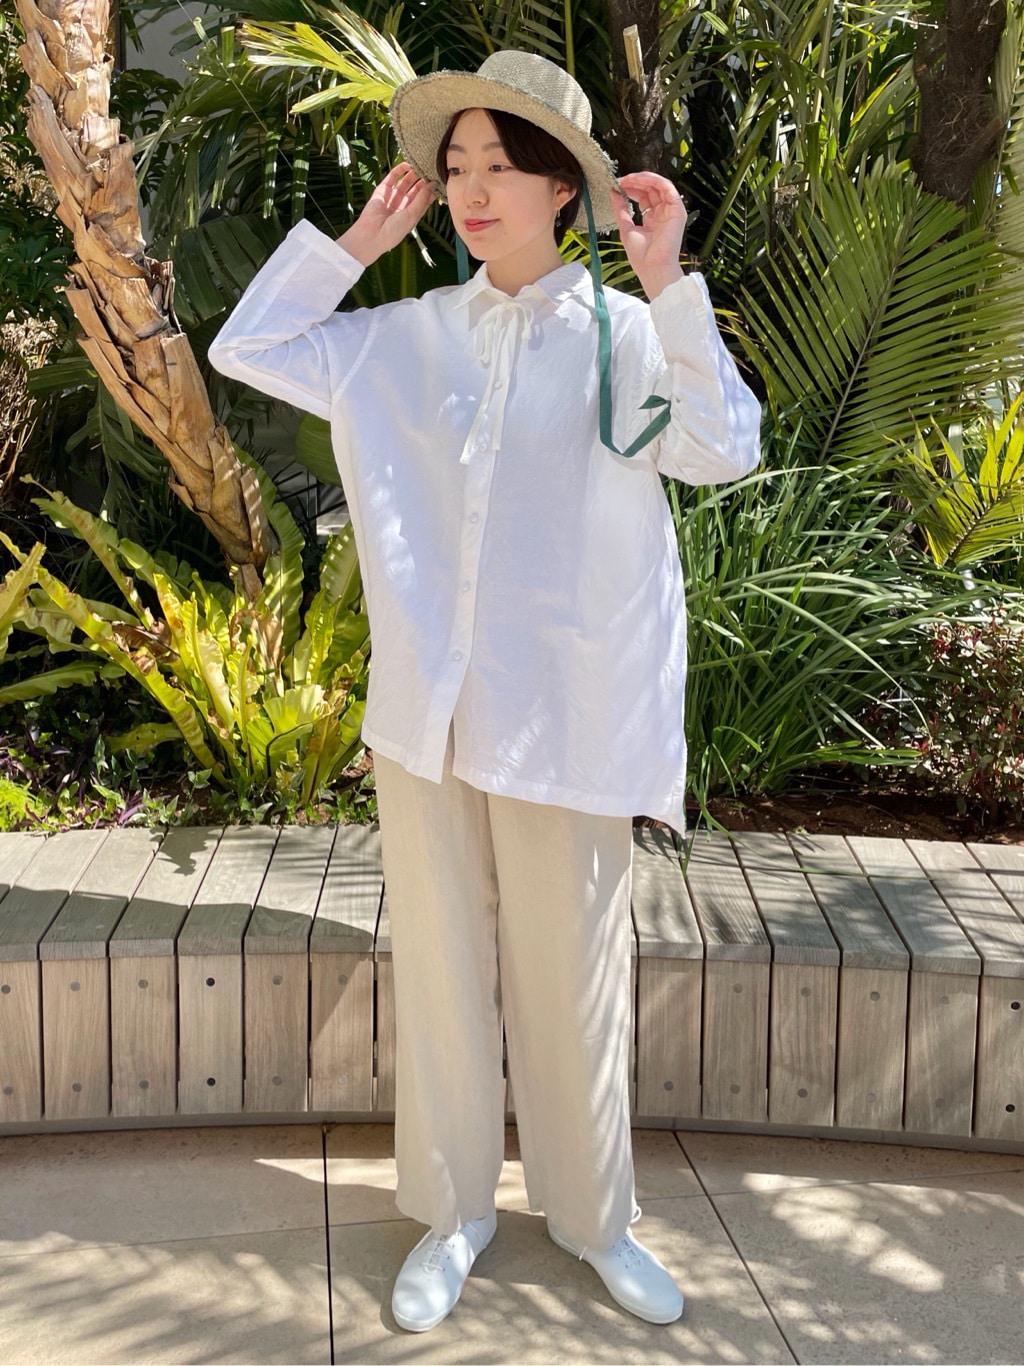 yuni ニュウマン横浜 身長:166cm 2021.03.19